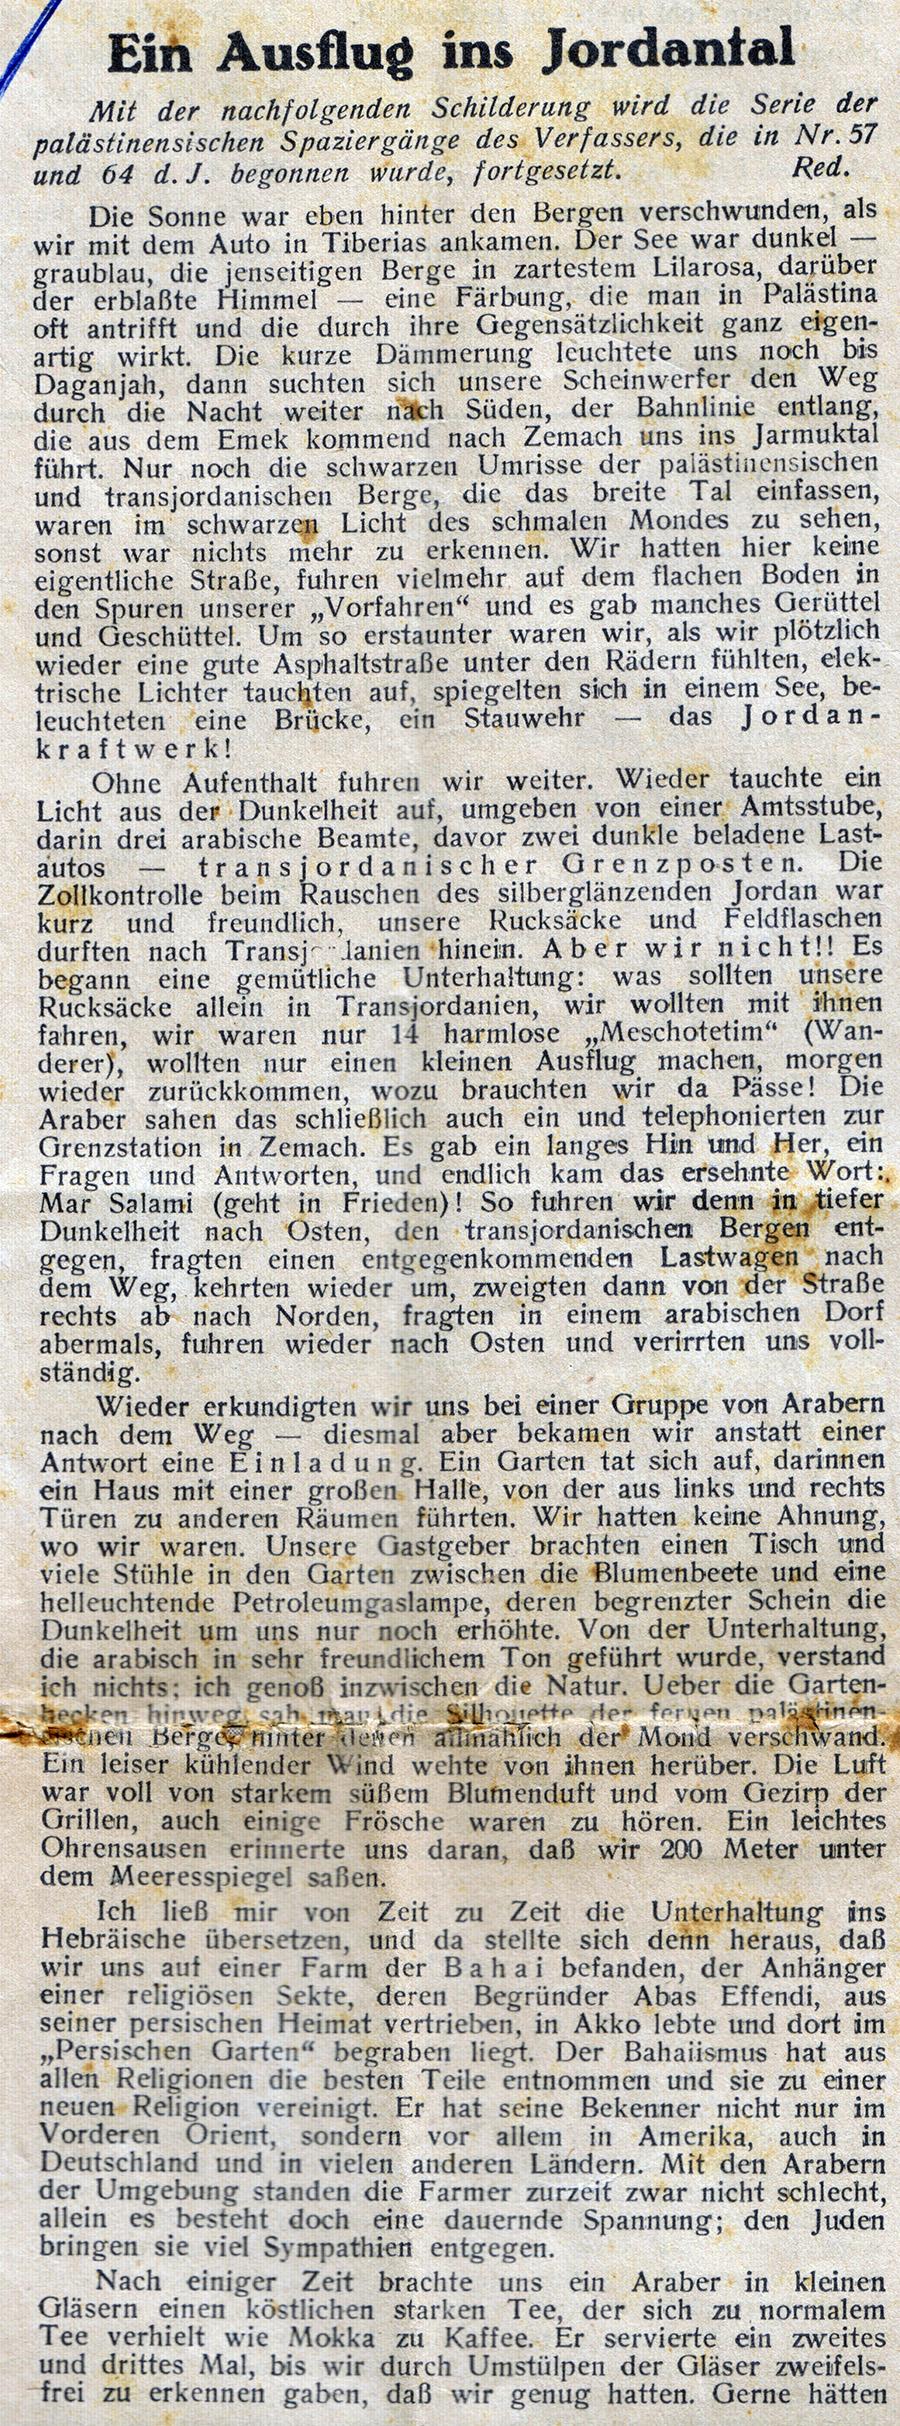 14.3.1934 Auf historischem Boden